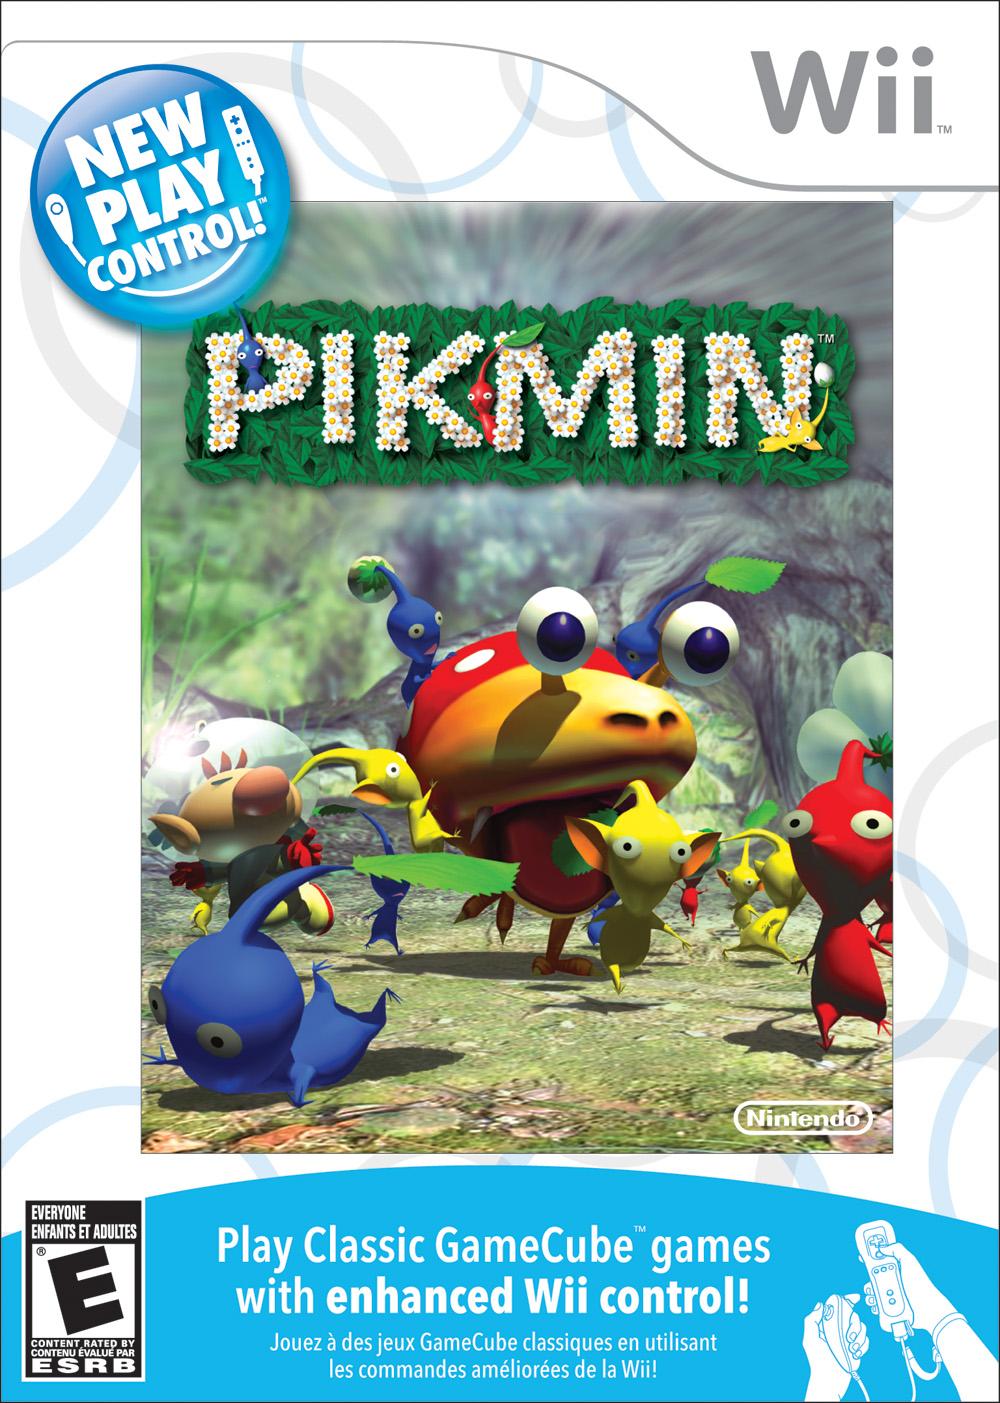 New Play Control Pikmin Fandom